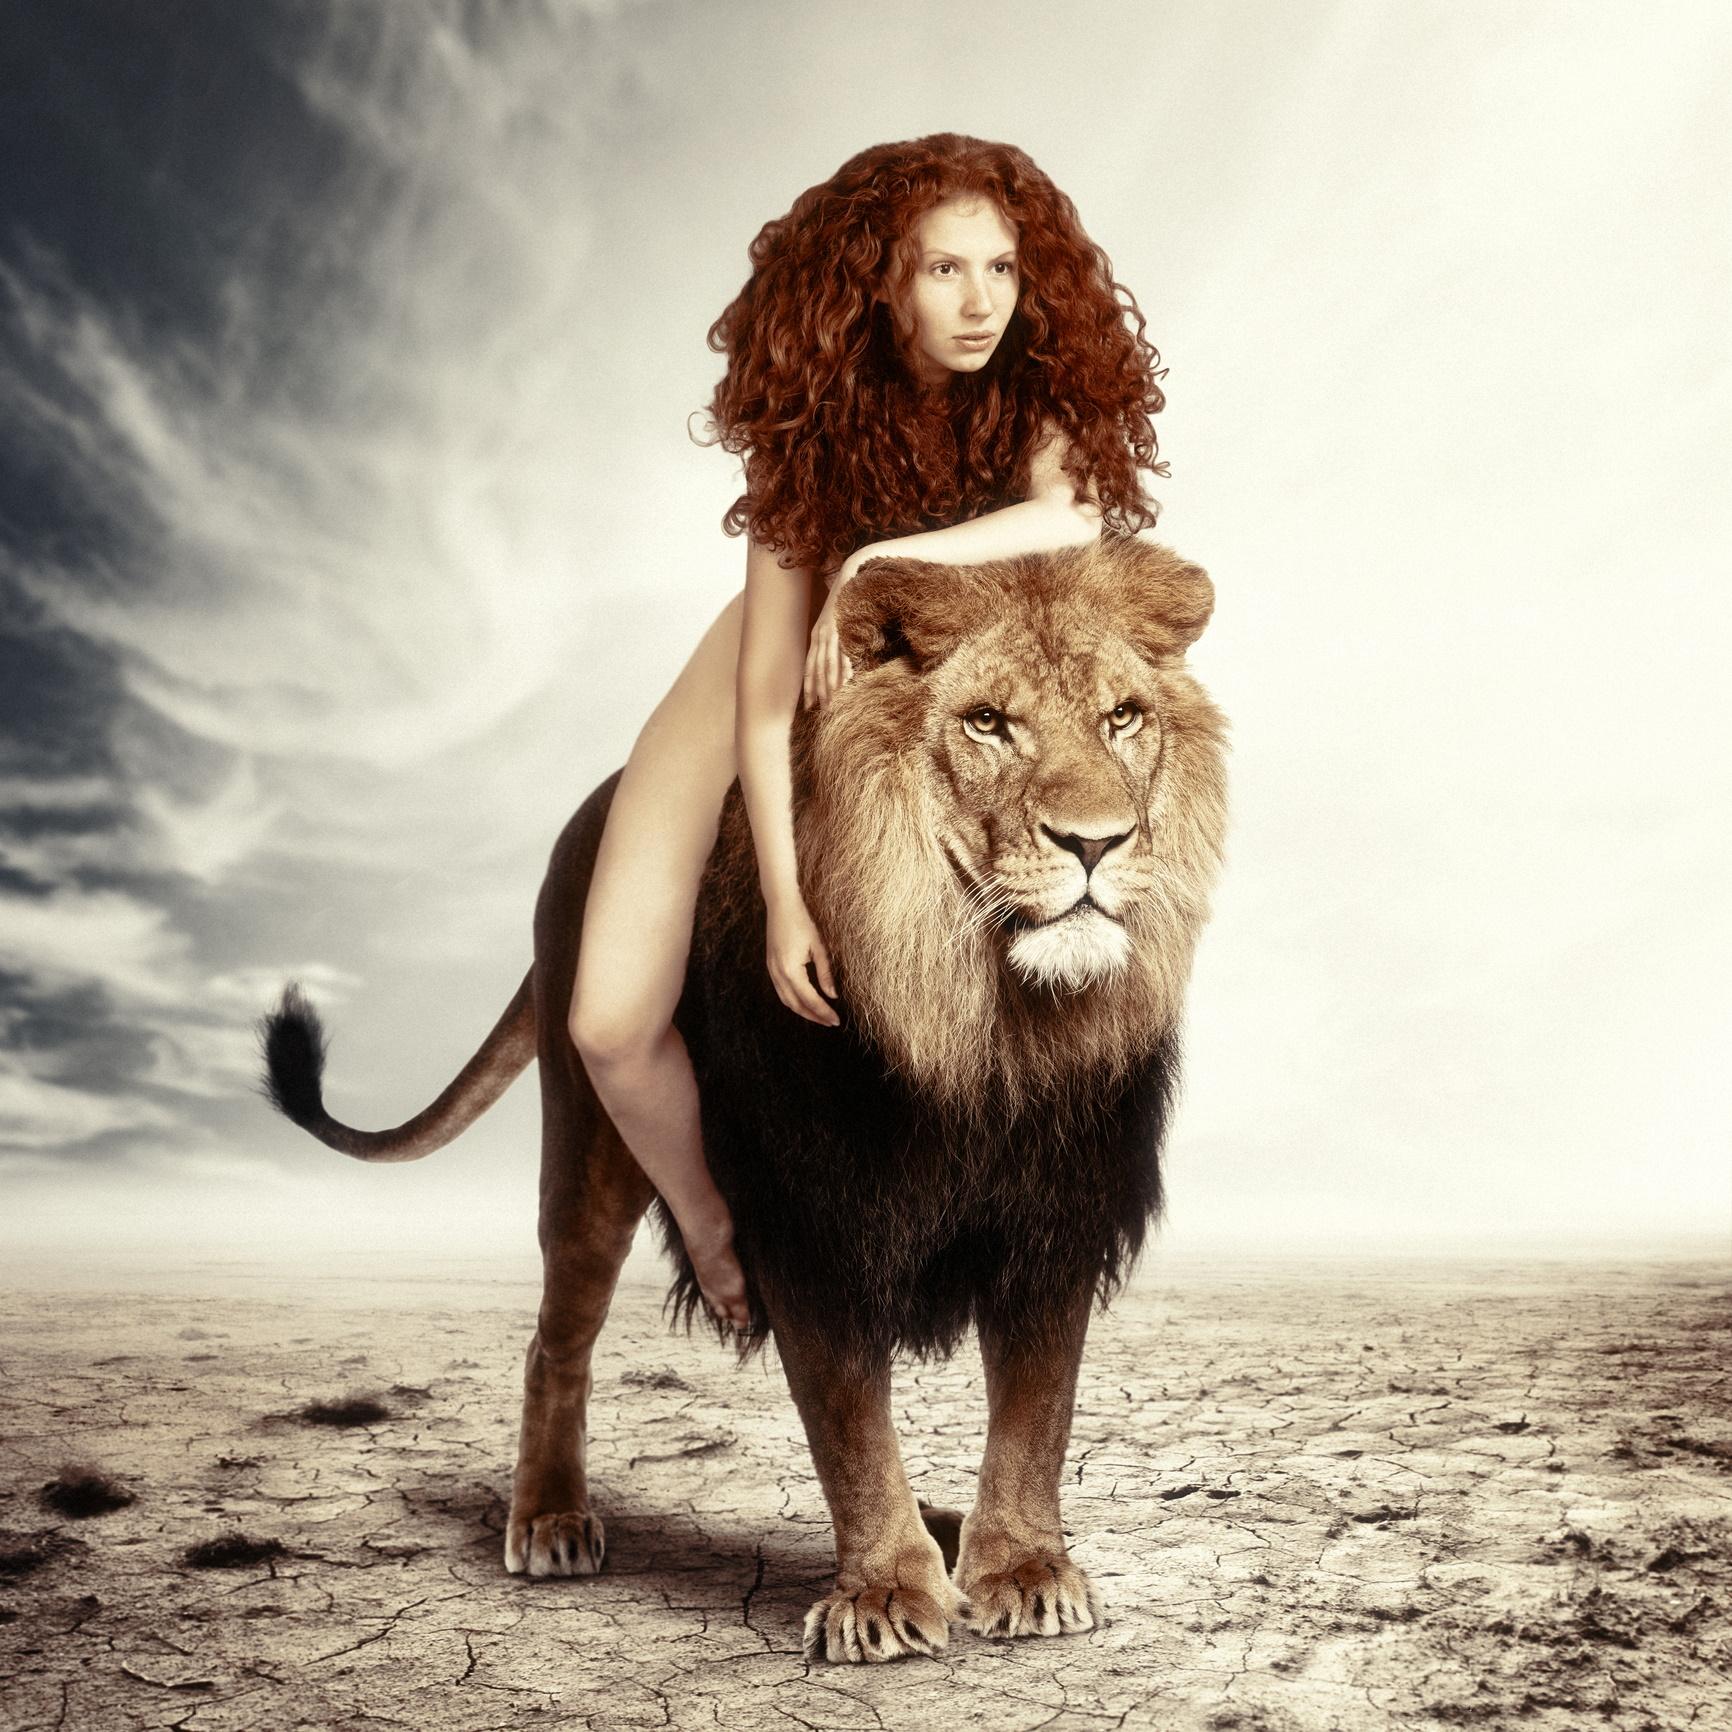 <p><strong>Лъв &ndash; агресивно поведение към деца</strong></p>  <p>Лъвовете не търпят агресивното поведение към деца без значение дали е на публично място или не. Представителите на тази зодия страдат, когато възрастен се отнася жестоко към децата.</p>